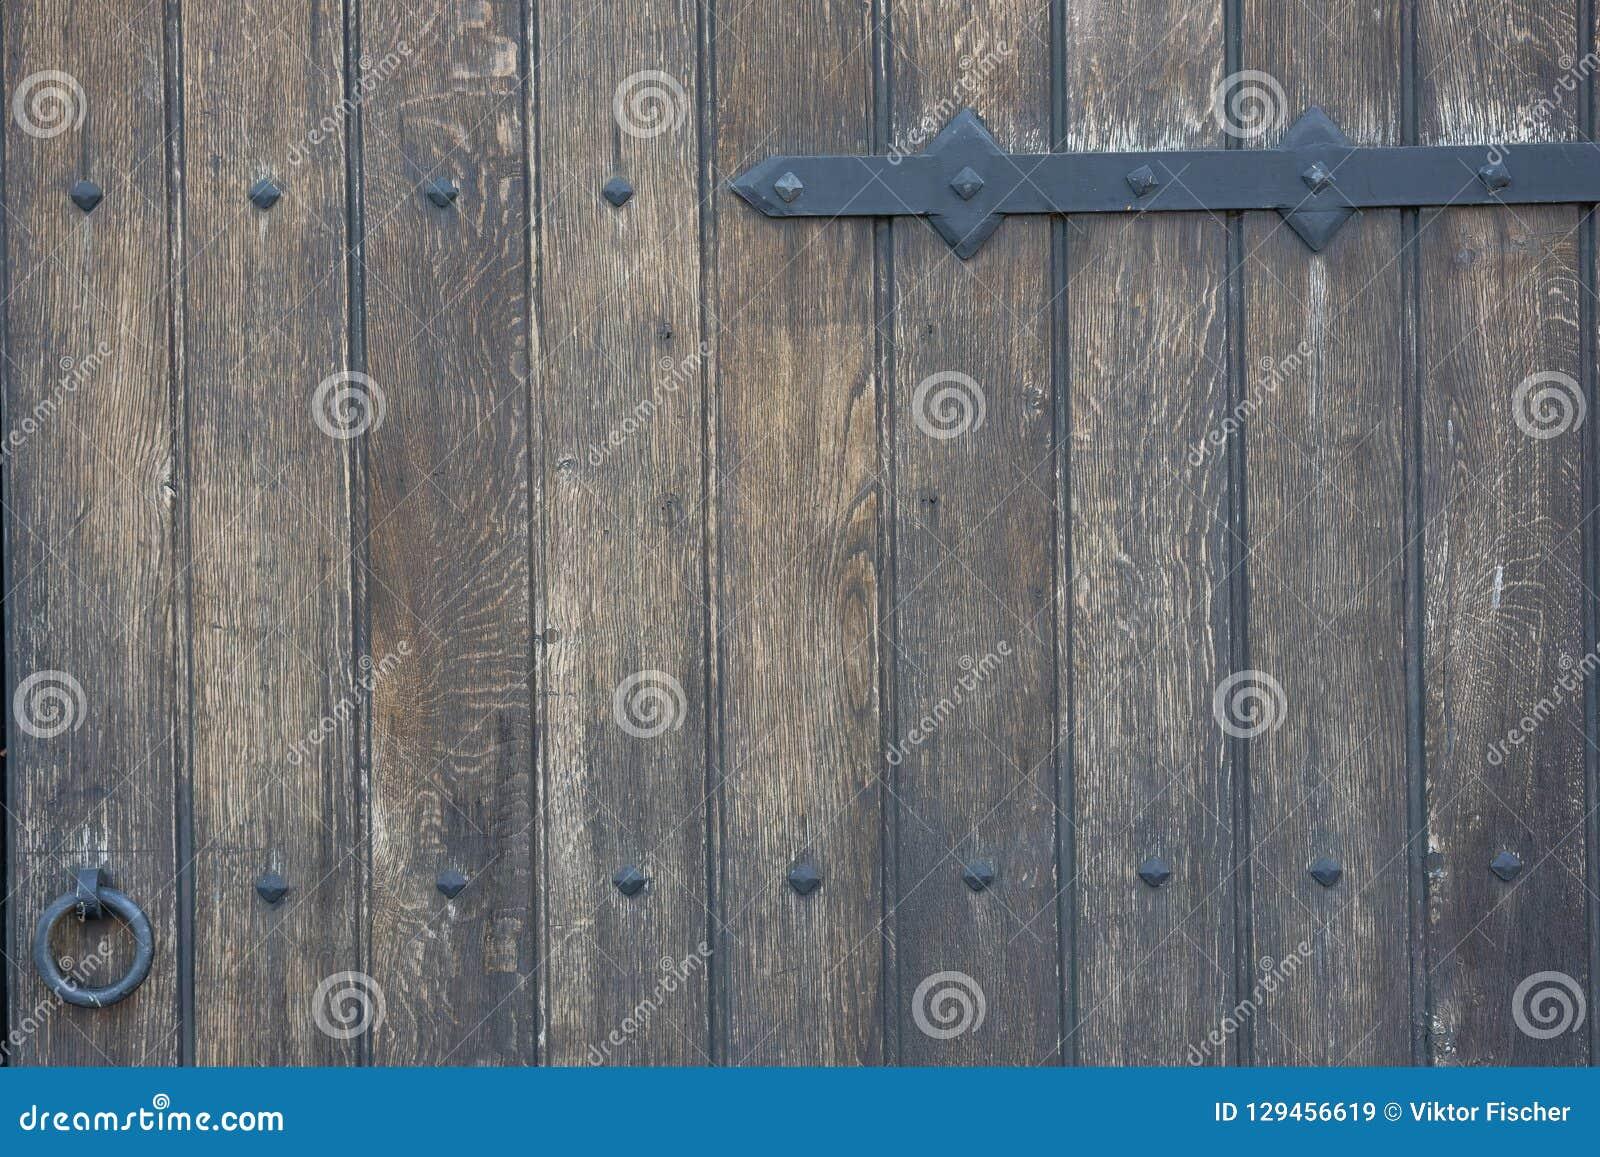 Old wooden door in the stone wall from medieval era. Vintage metal padlock on a wooden door.